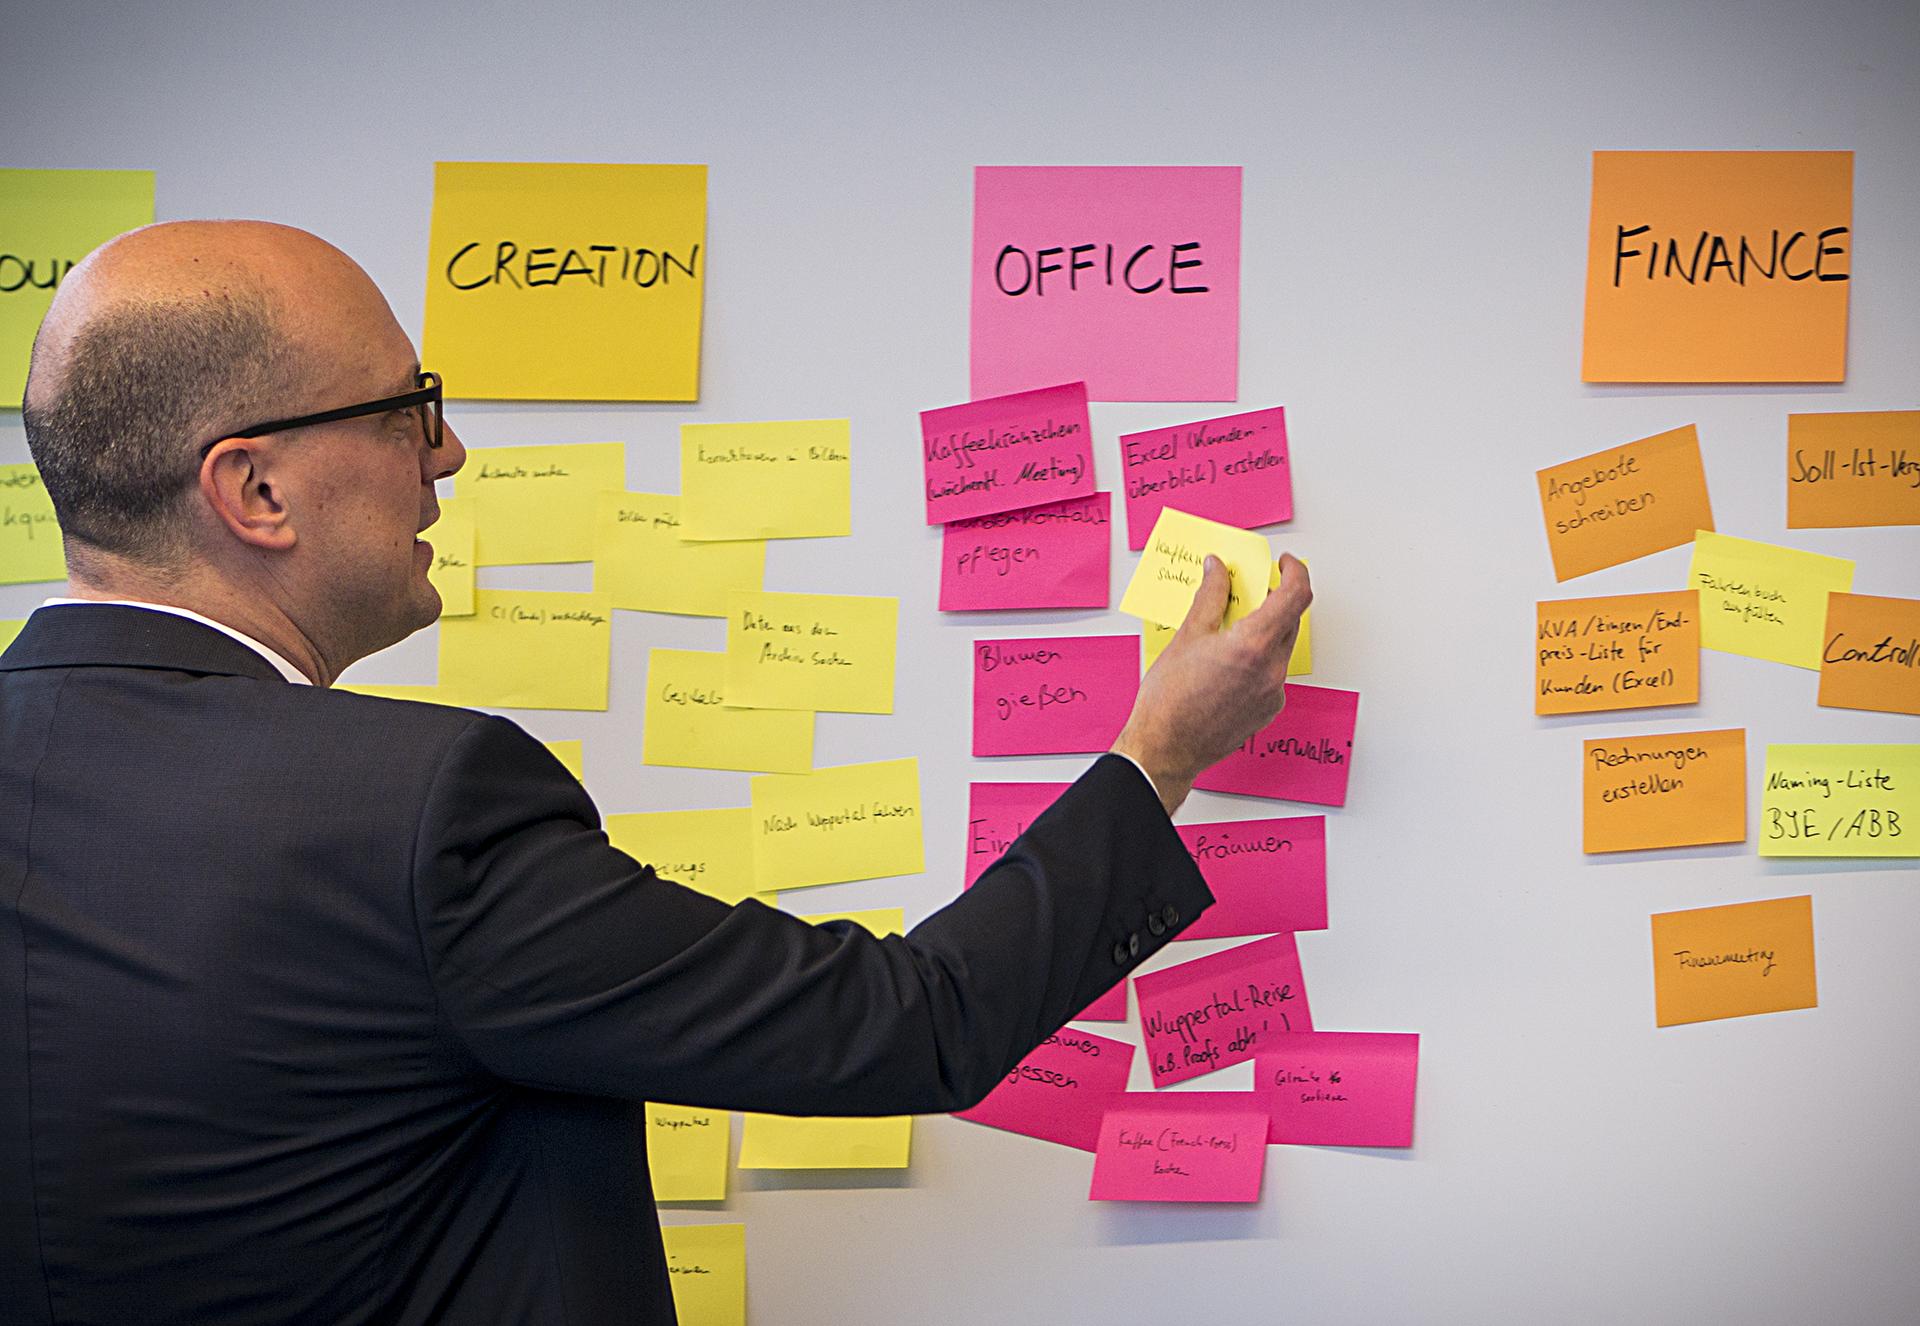 kleinkariert agentur für struktur beratung unternehmensführung